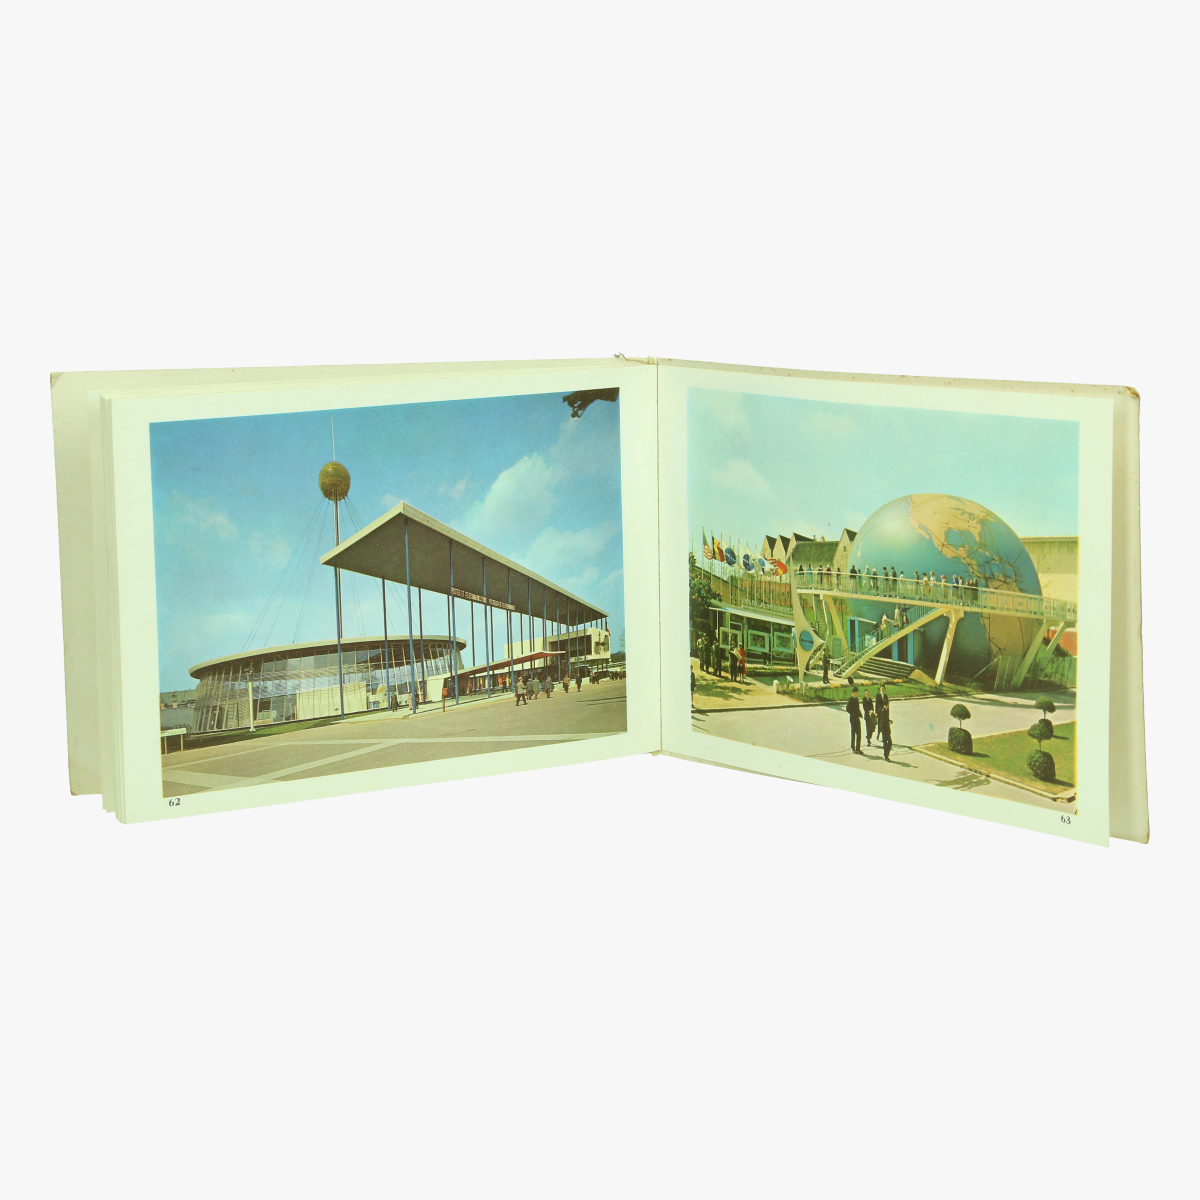 Afbeeldingen van expo 58 album-souvenir